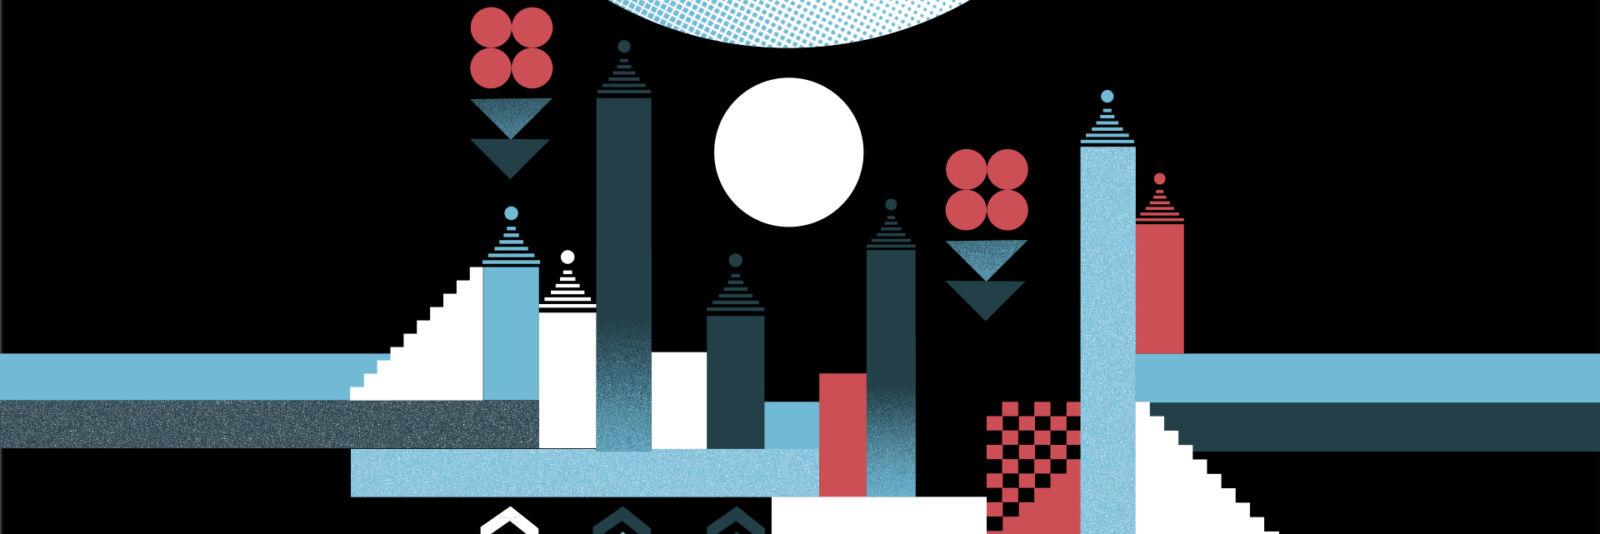 Space Cheap, pop culture et science-fiction